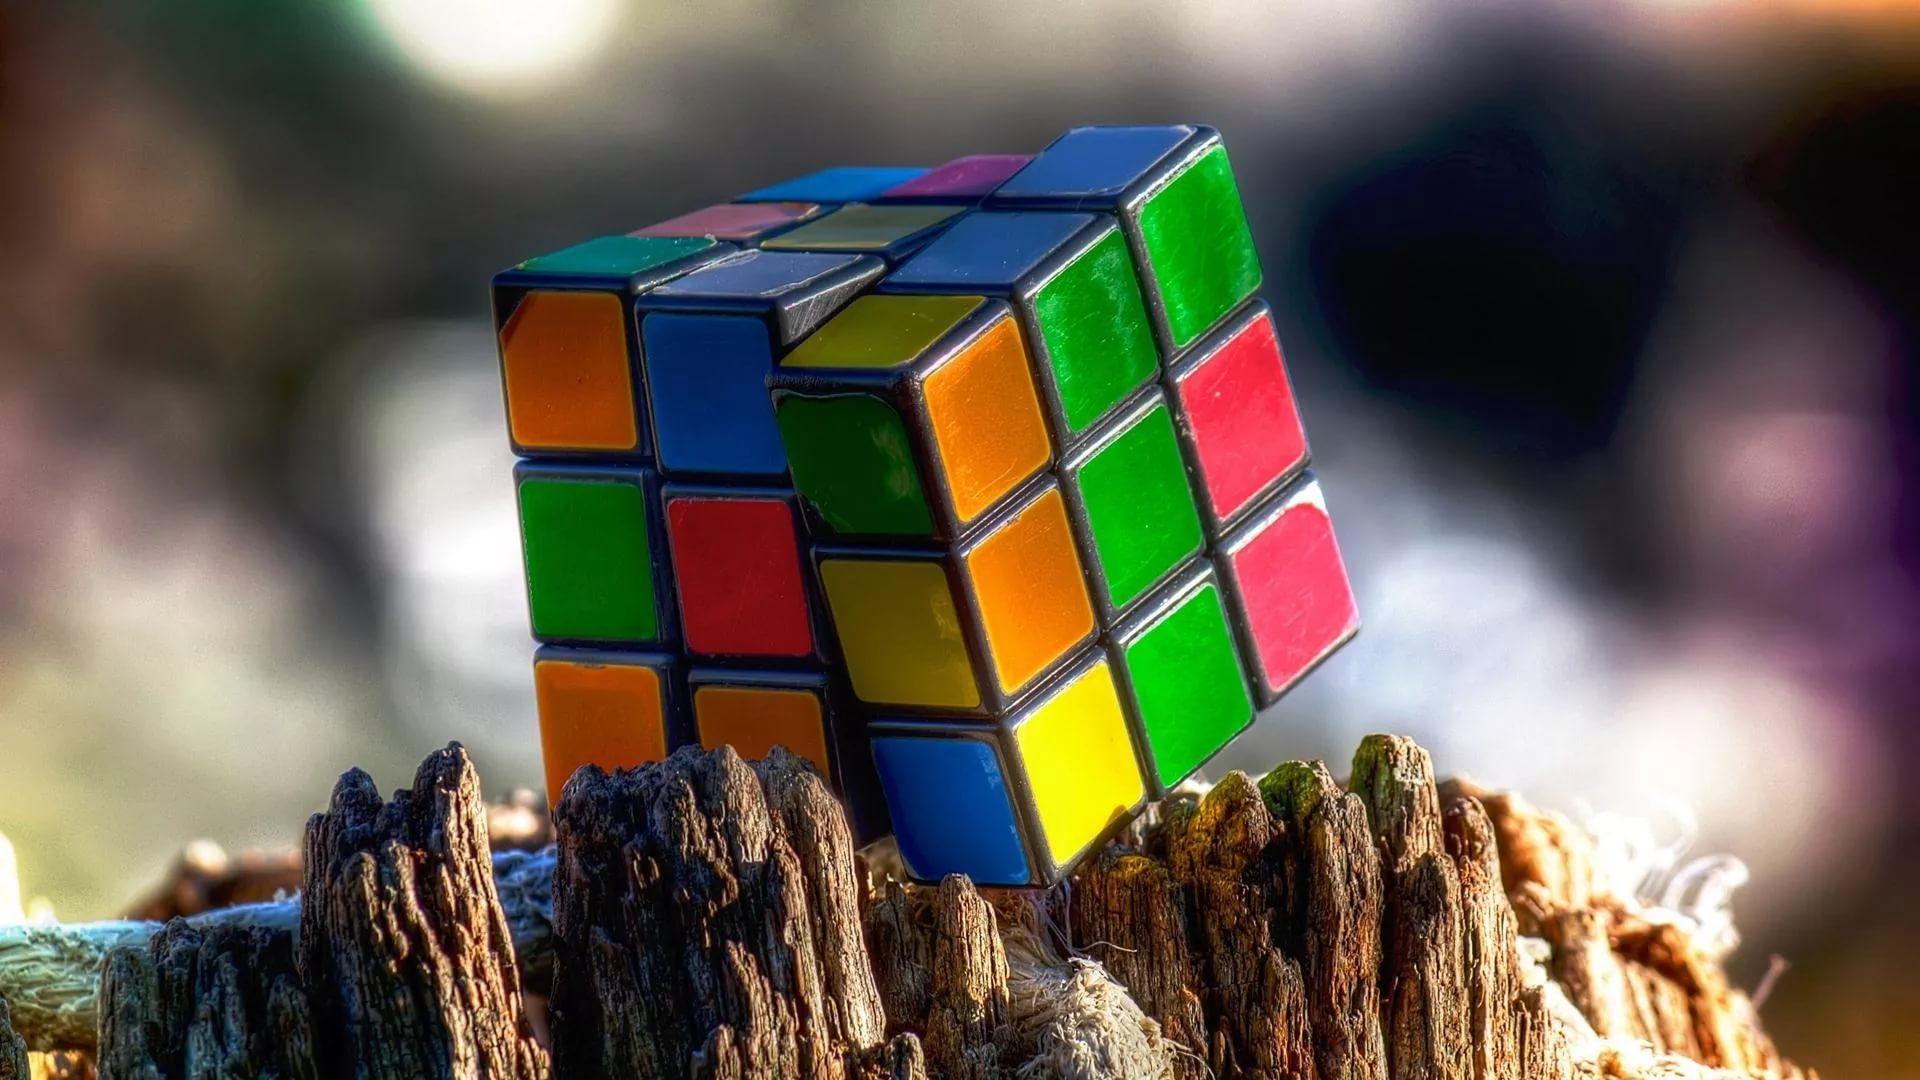 Rubiks Cube beautiful wallpaper